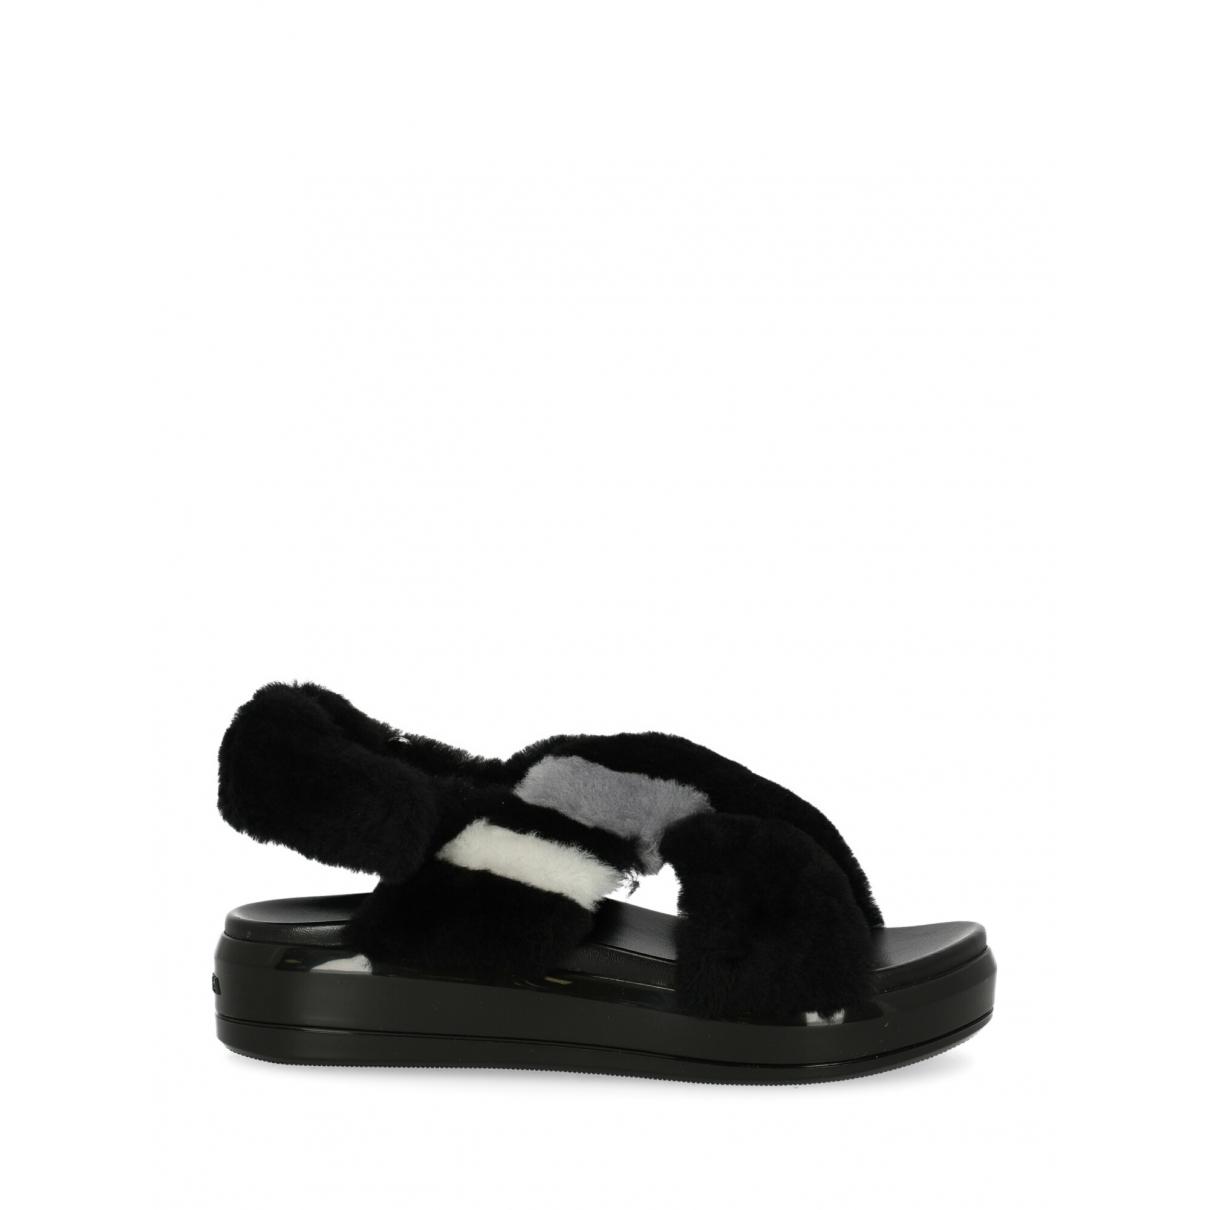 Prada - Sandales   pour femme en fourrure - noir